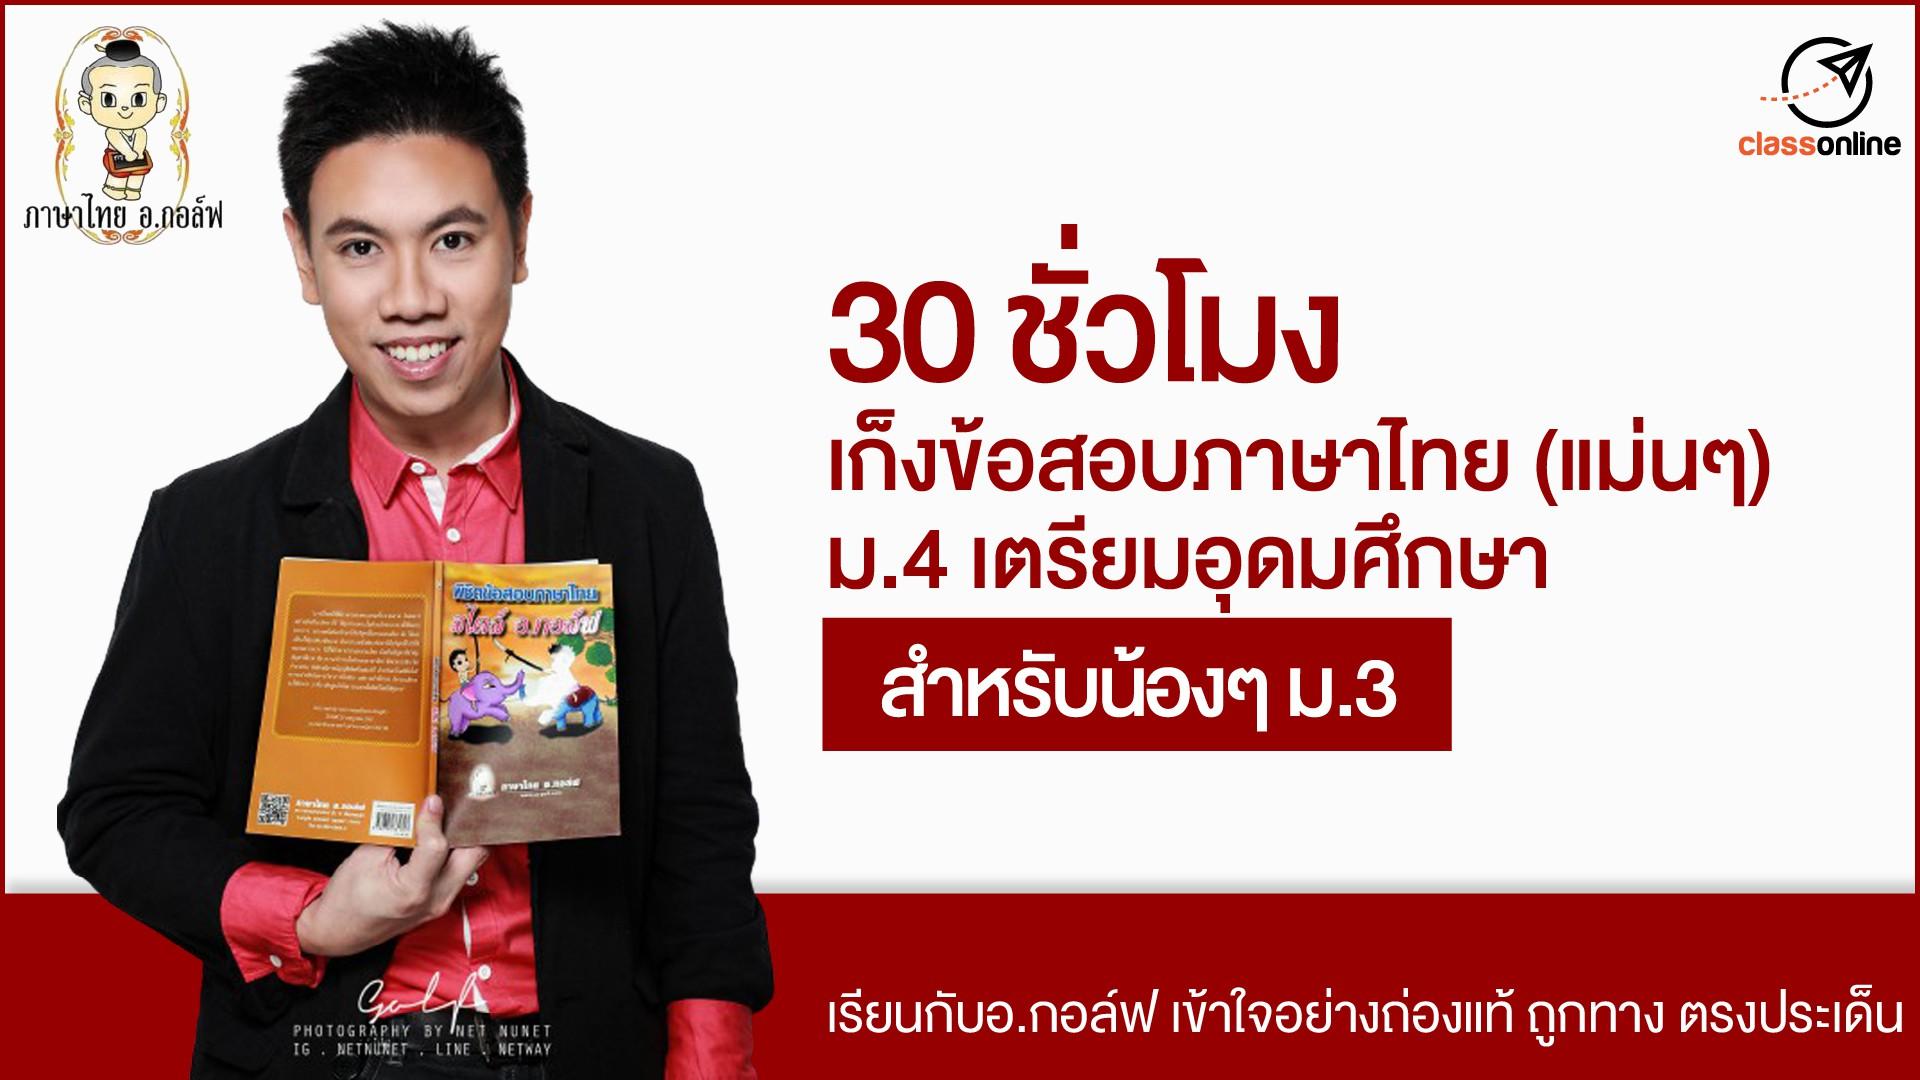 เก็งข้อสอบภาษาไทยเข้าเตรียมอุดมฯ